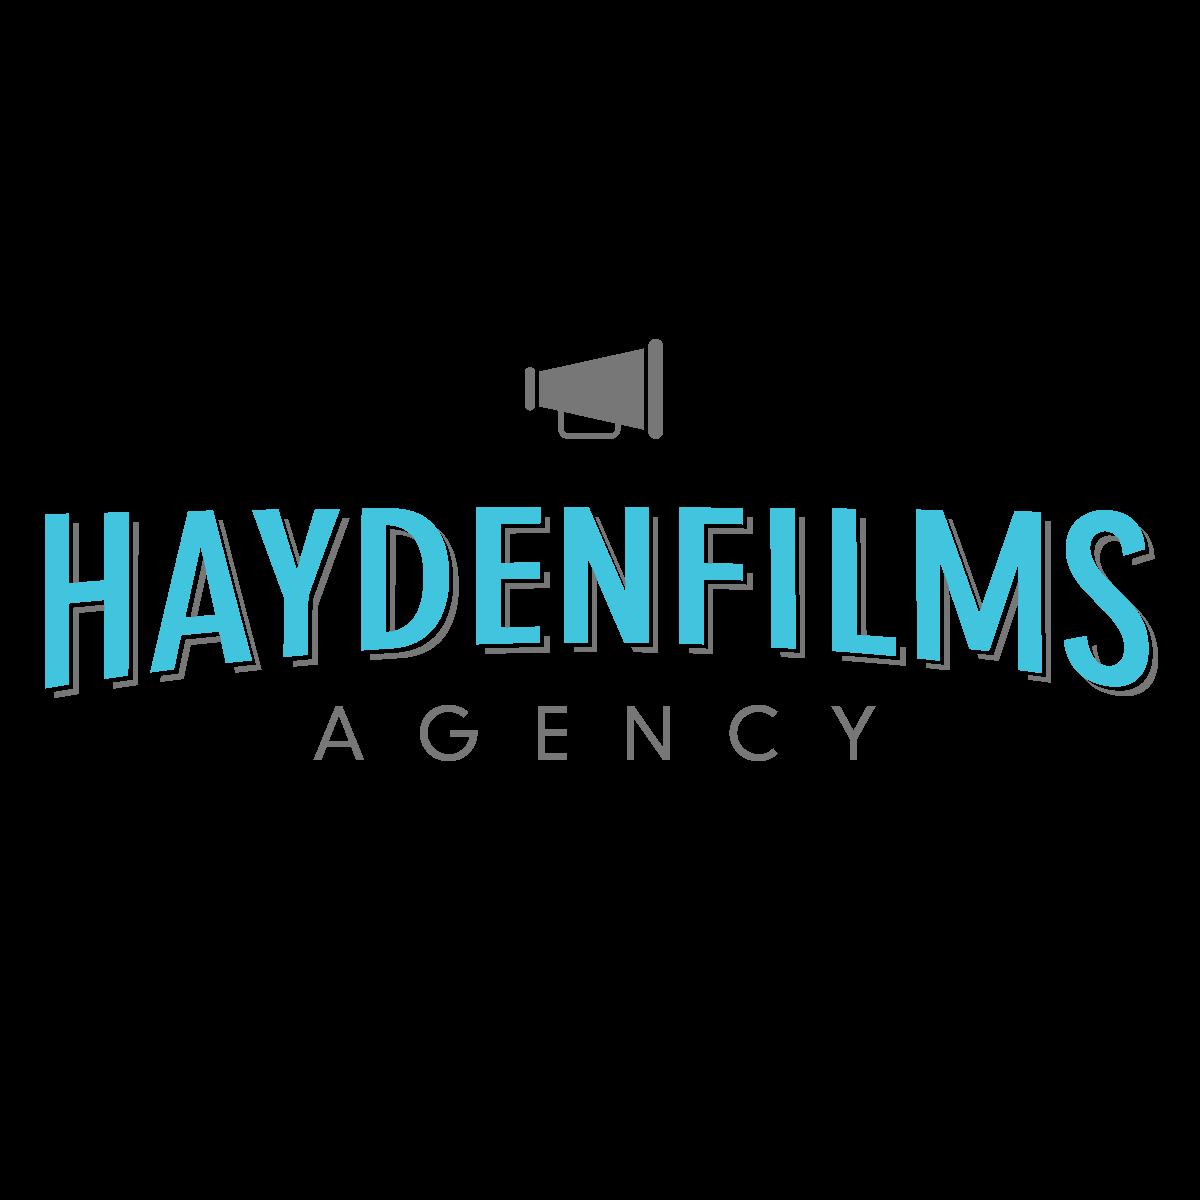 Haydenfilms Agency